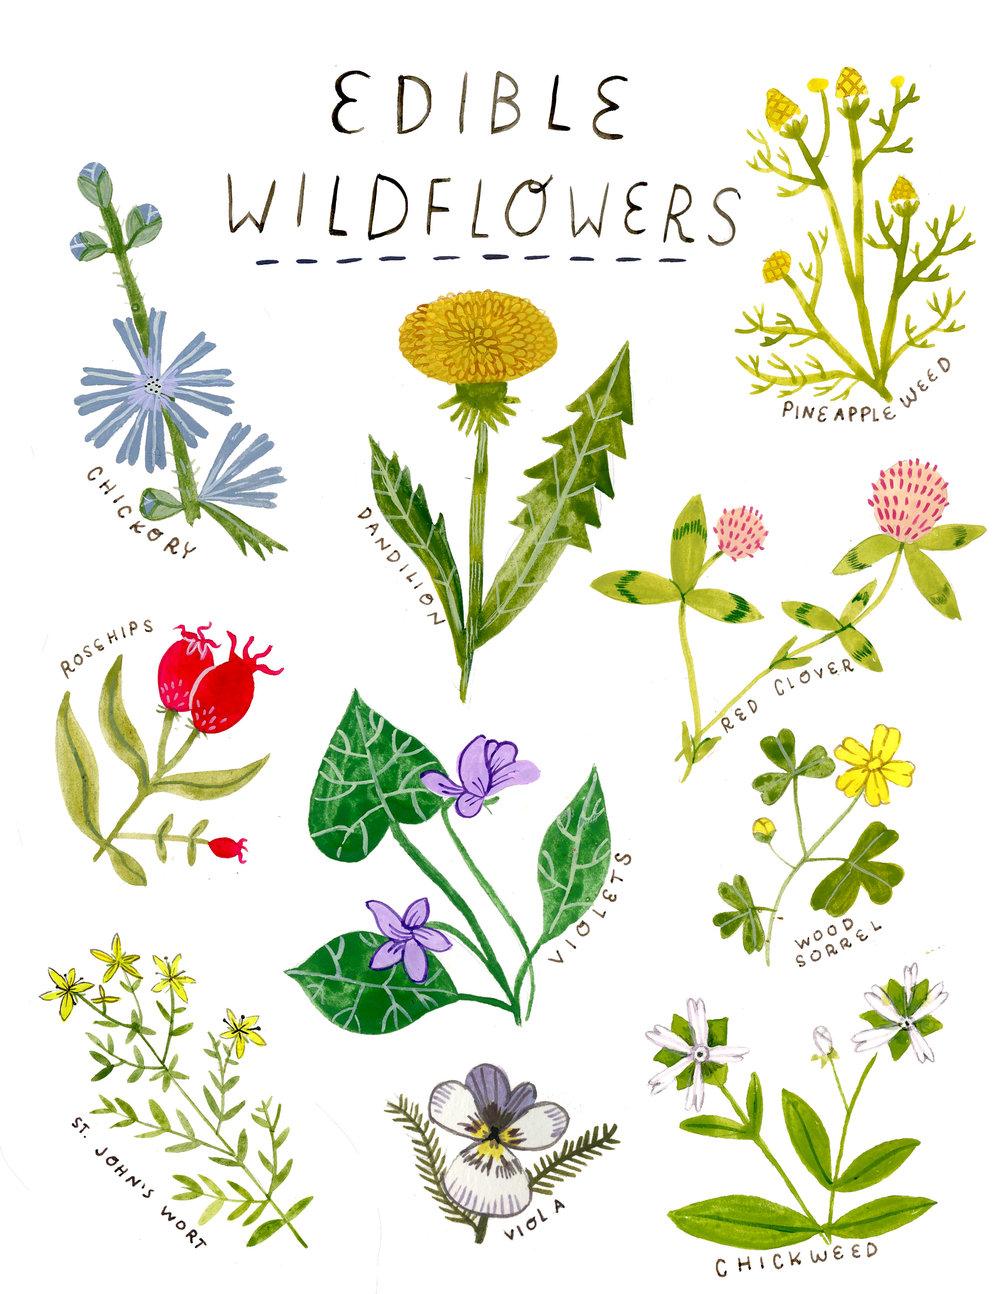 ediblewildflowers.jpg